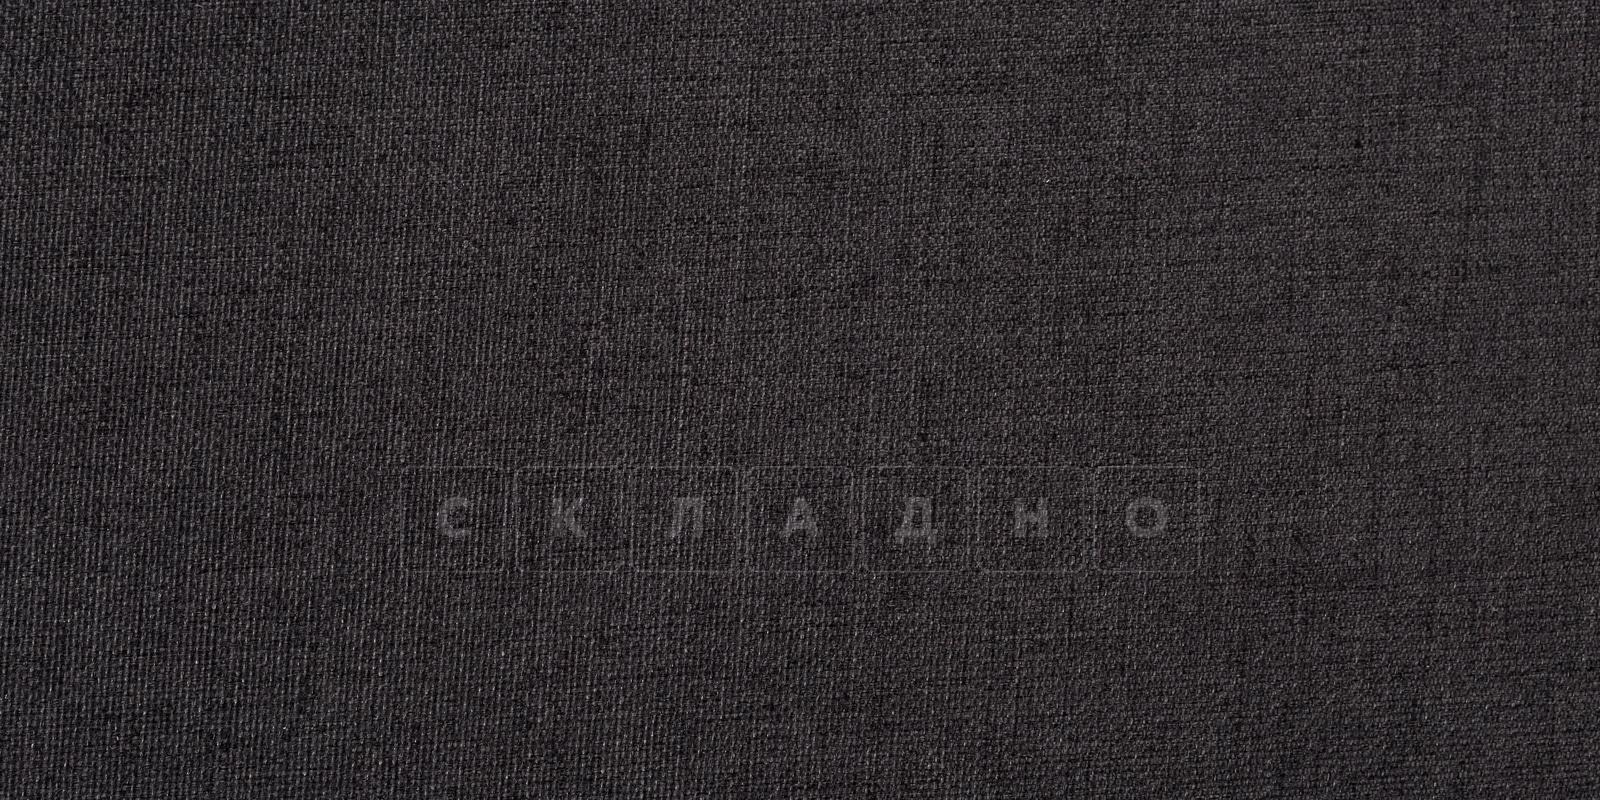 Угловой диван Медисон темно-серый 345х224см фото 7 | интернет-магазин Складно